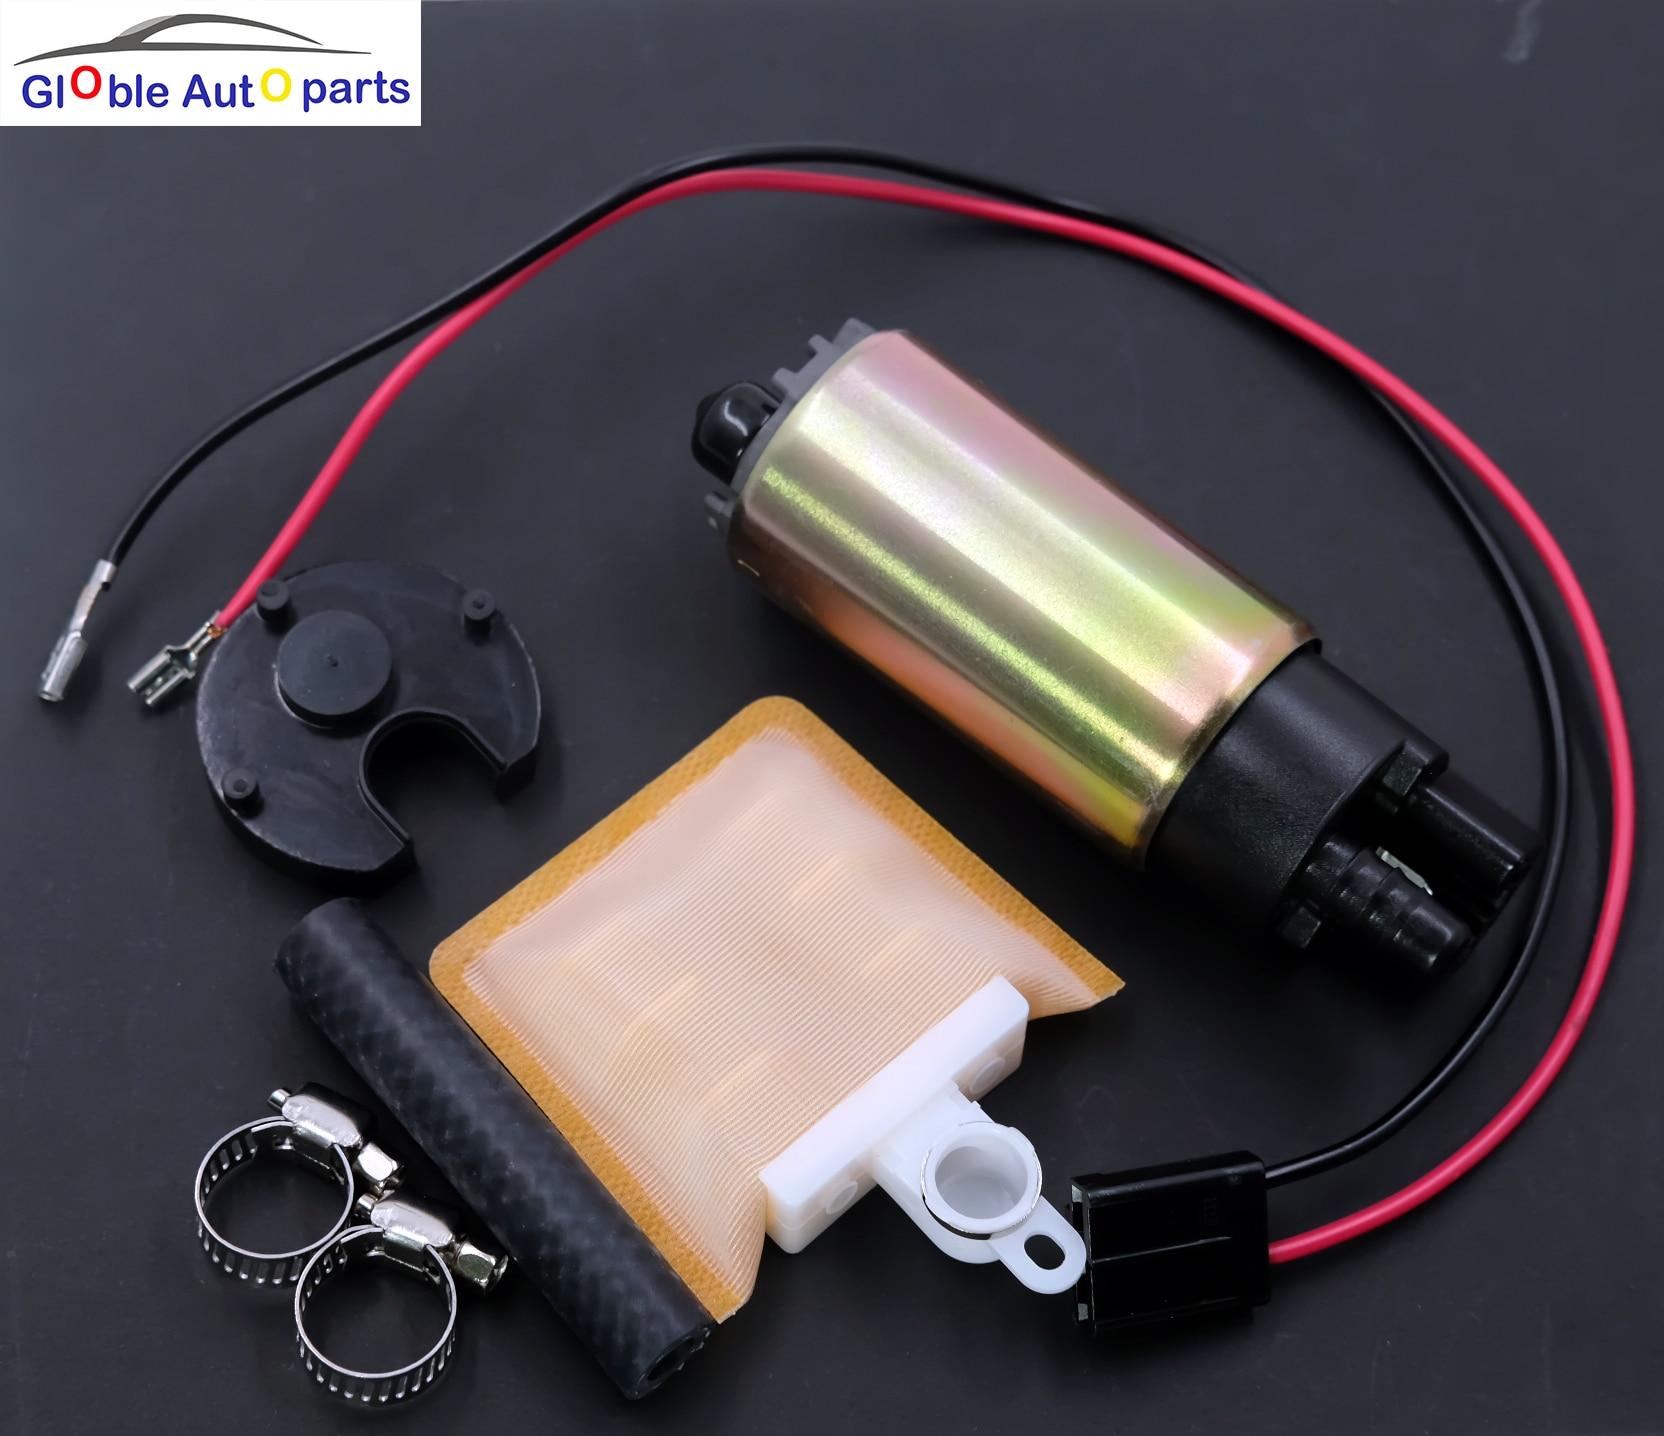 Universale 255Lph Ad Alta Portata della Pompa Elettrica Del Carburante Per Kia Suzuki Dodge Ford Honda Acura chevrolte Mitsubishi Mazda Nissan toyota